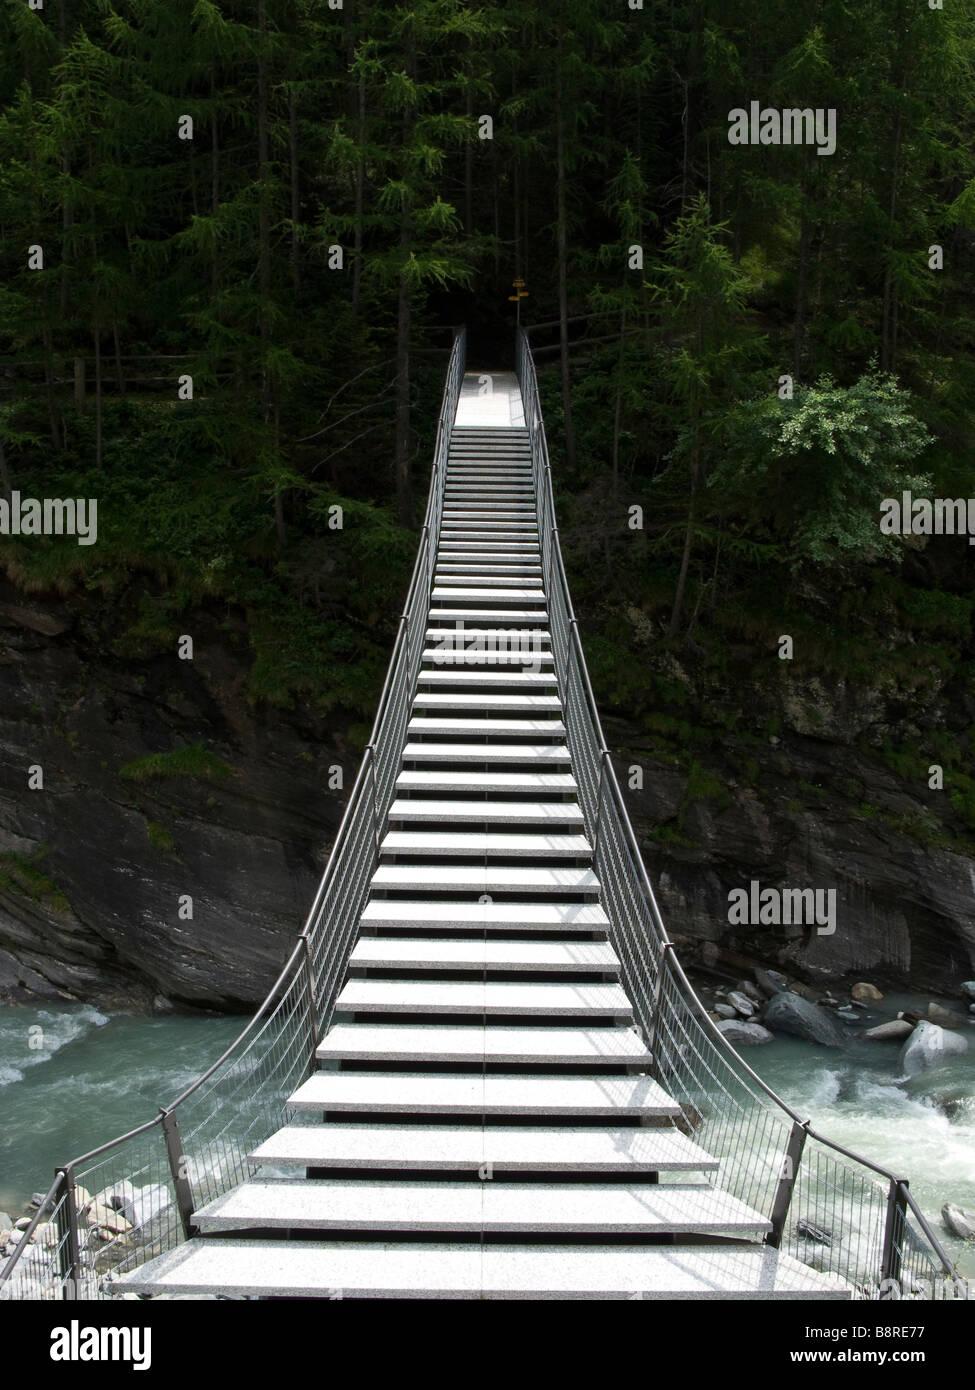 Bridge, switzerland, Alp - Stock Image